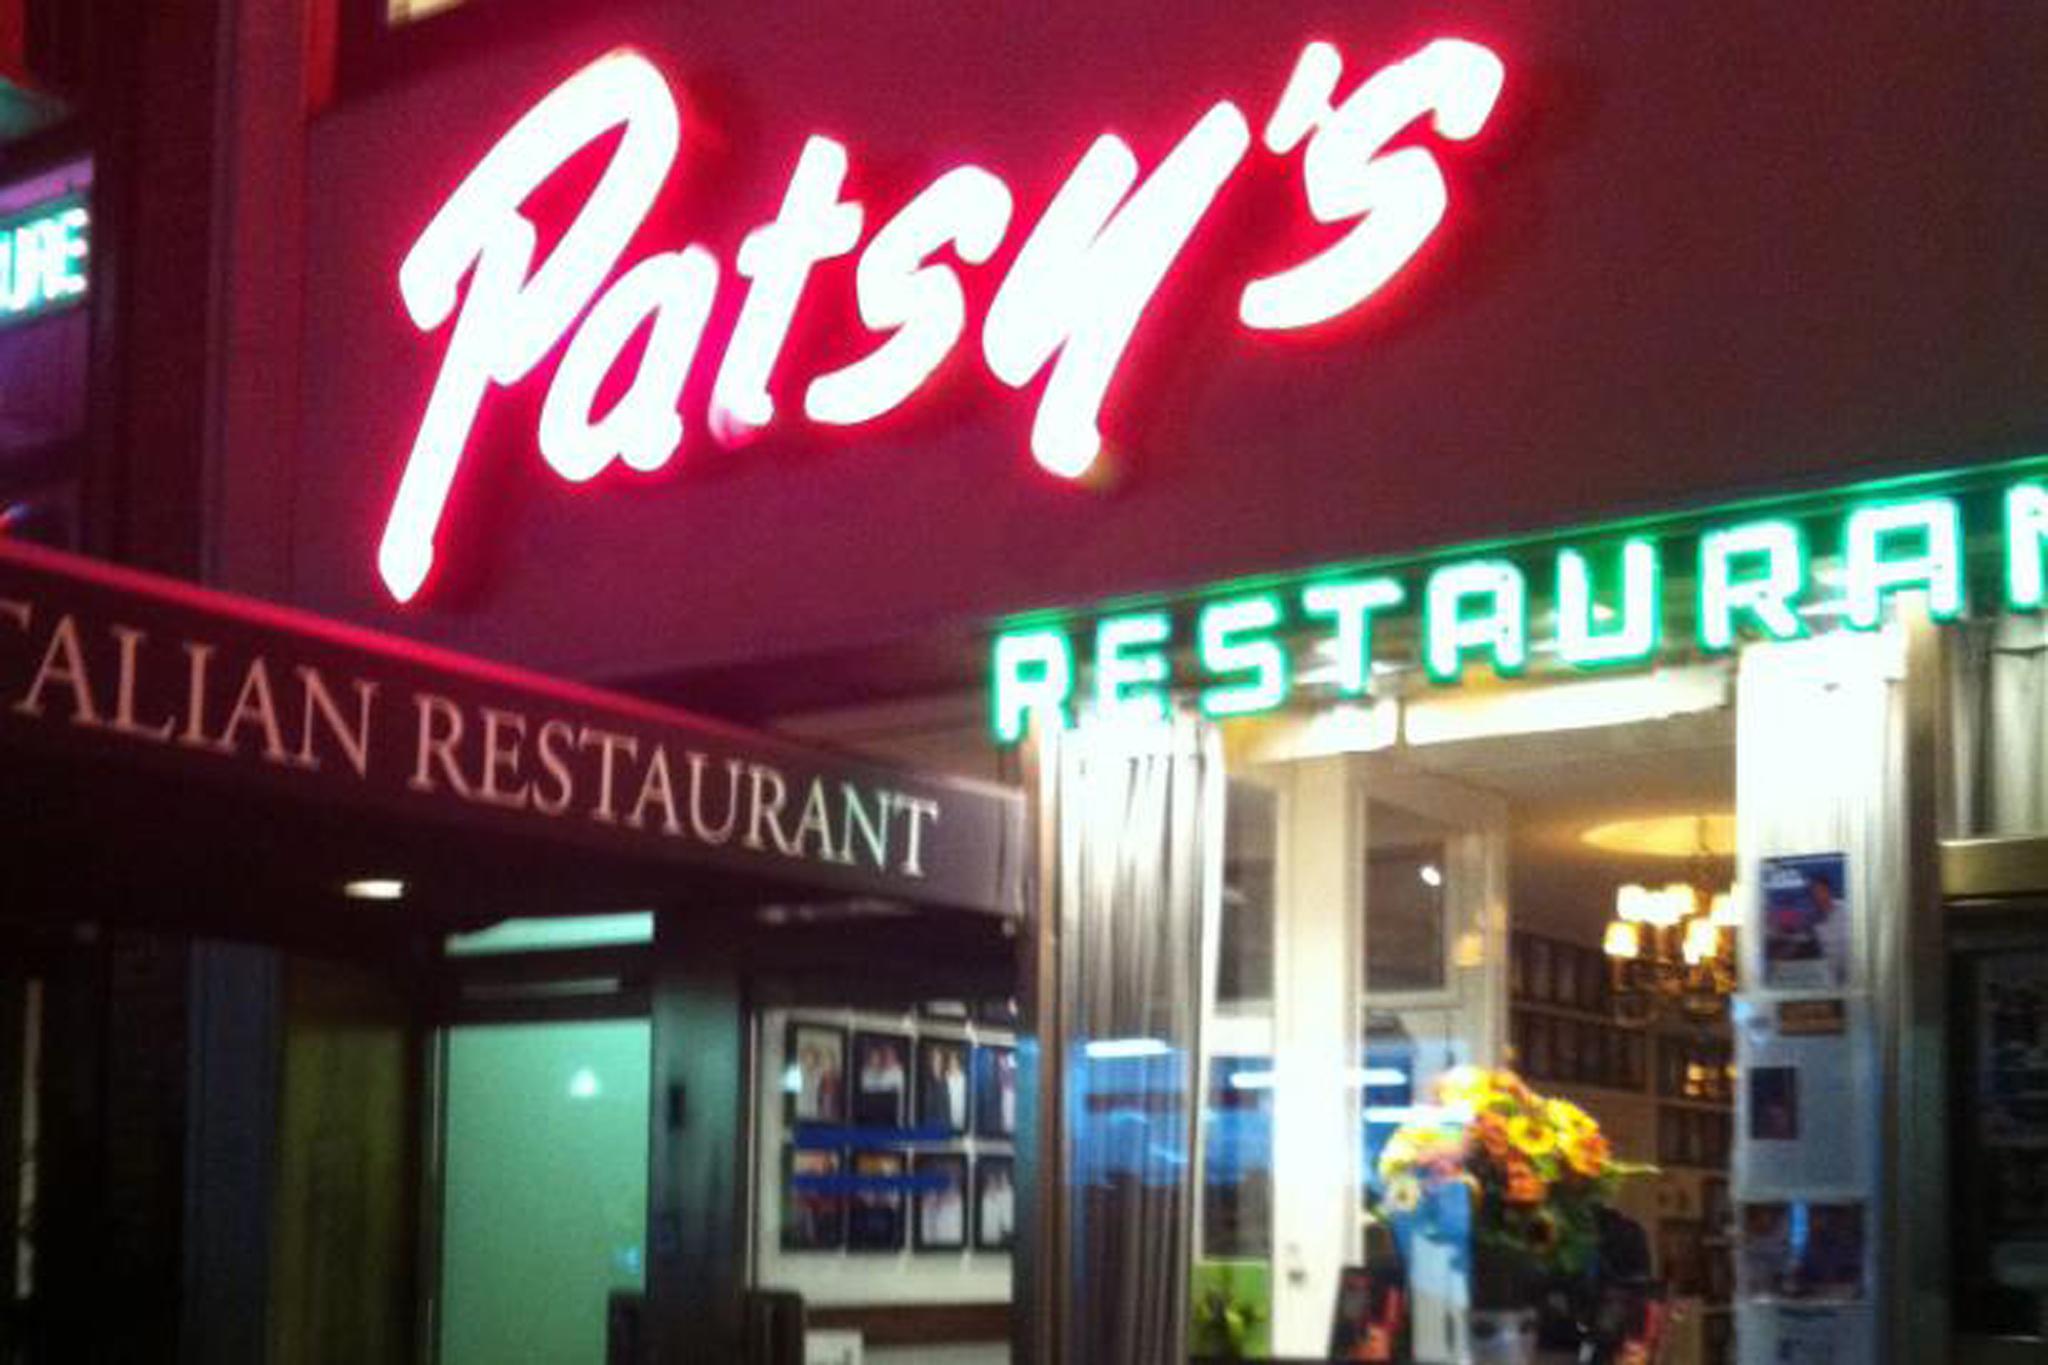 Patsy S Italian Restaurant